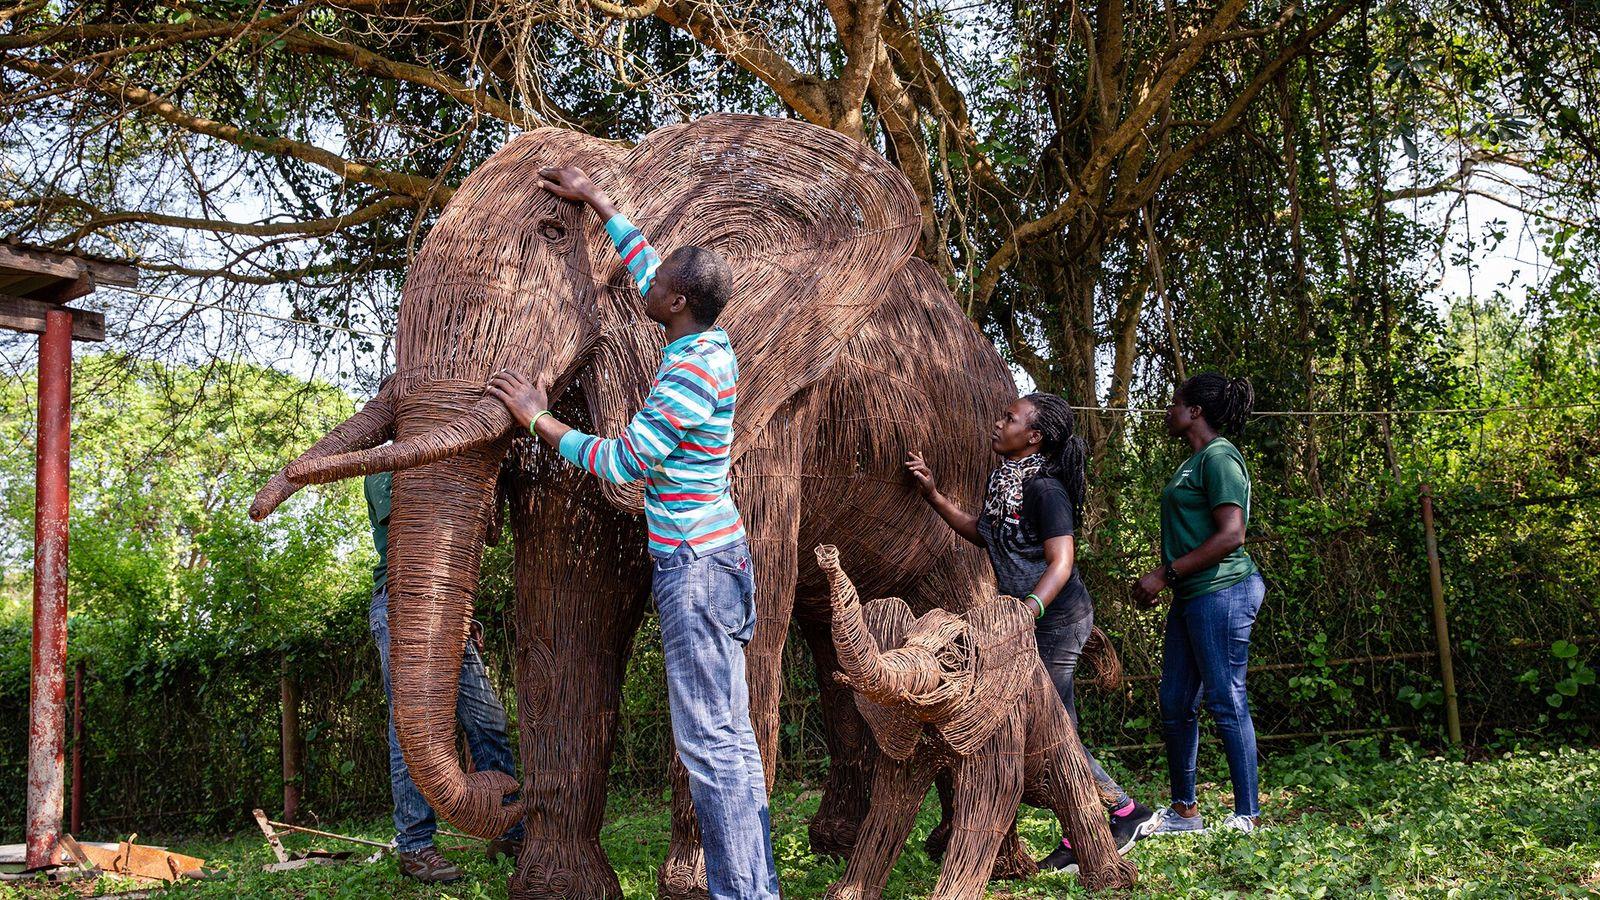 Les artisans ont créé cette sculpture grandeur nature d'un éléphant et son petit pour l'exposer au ...